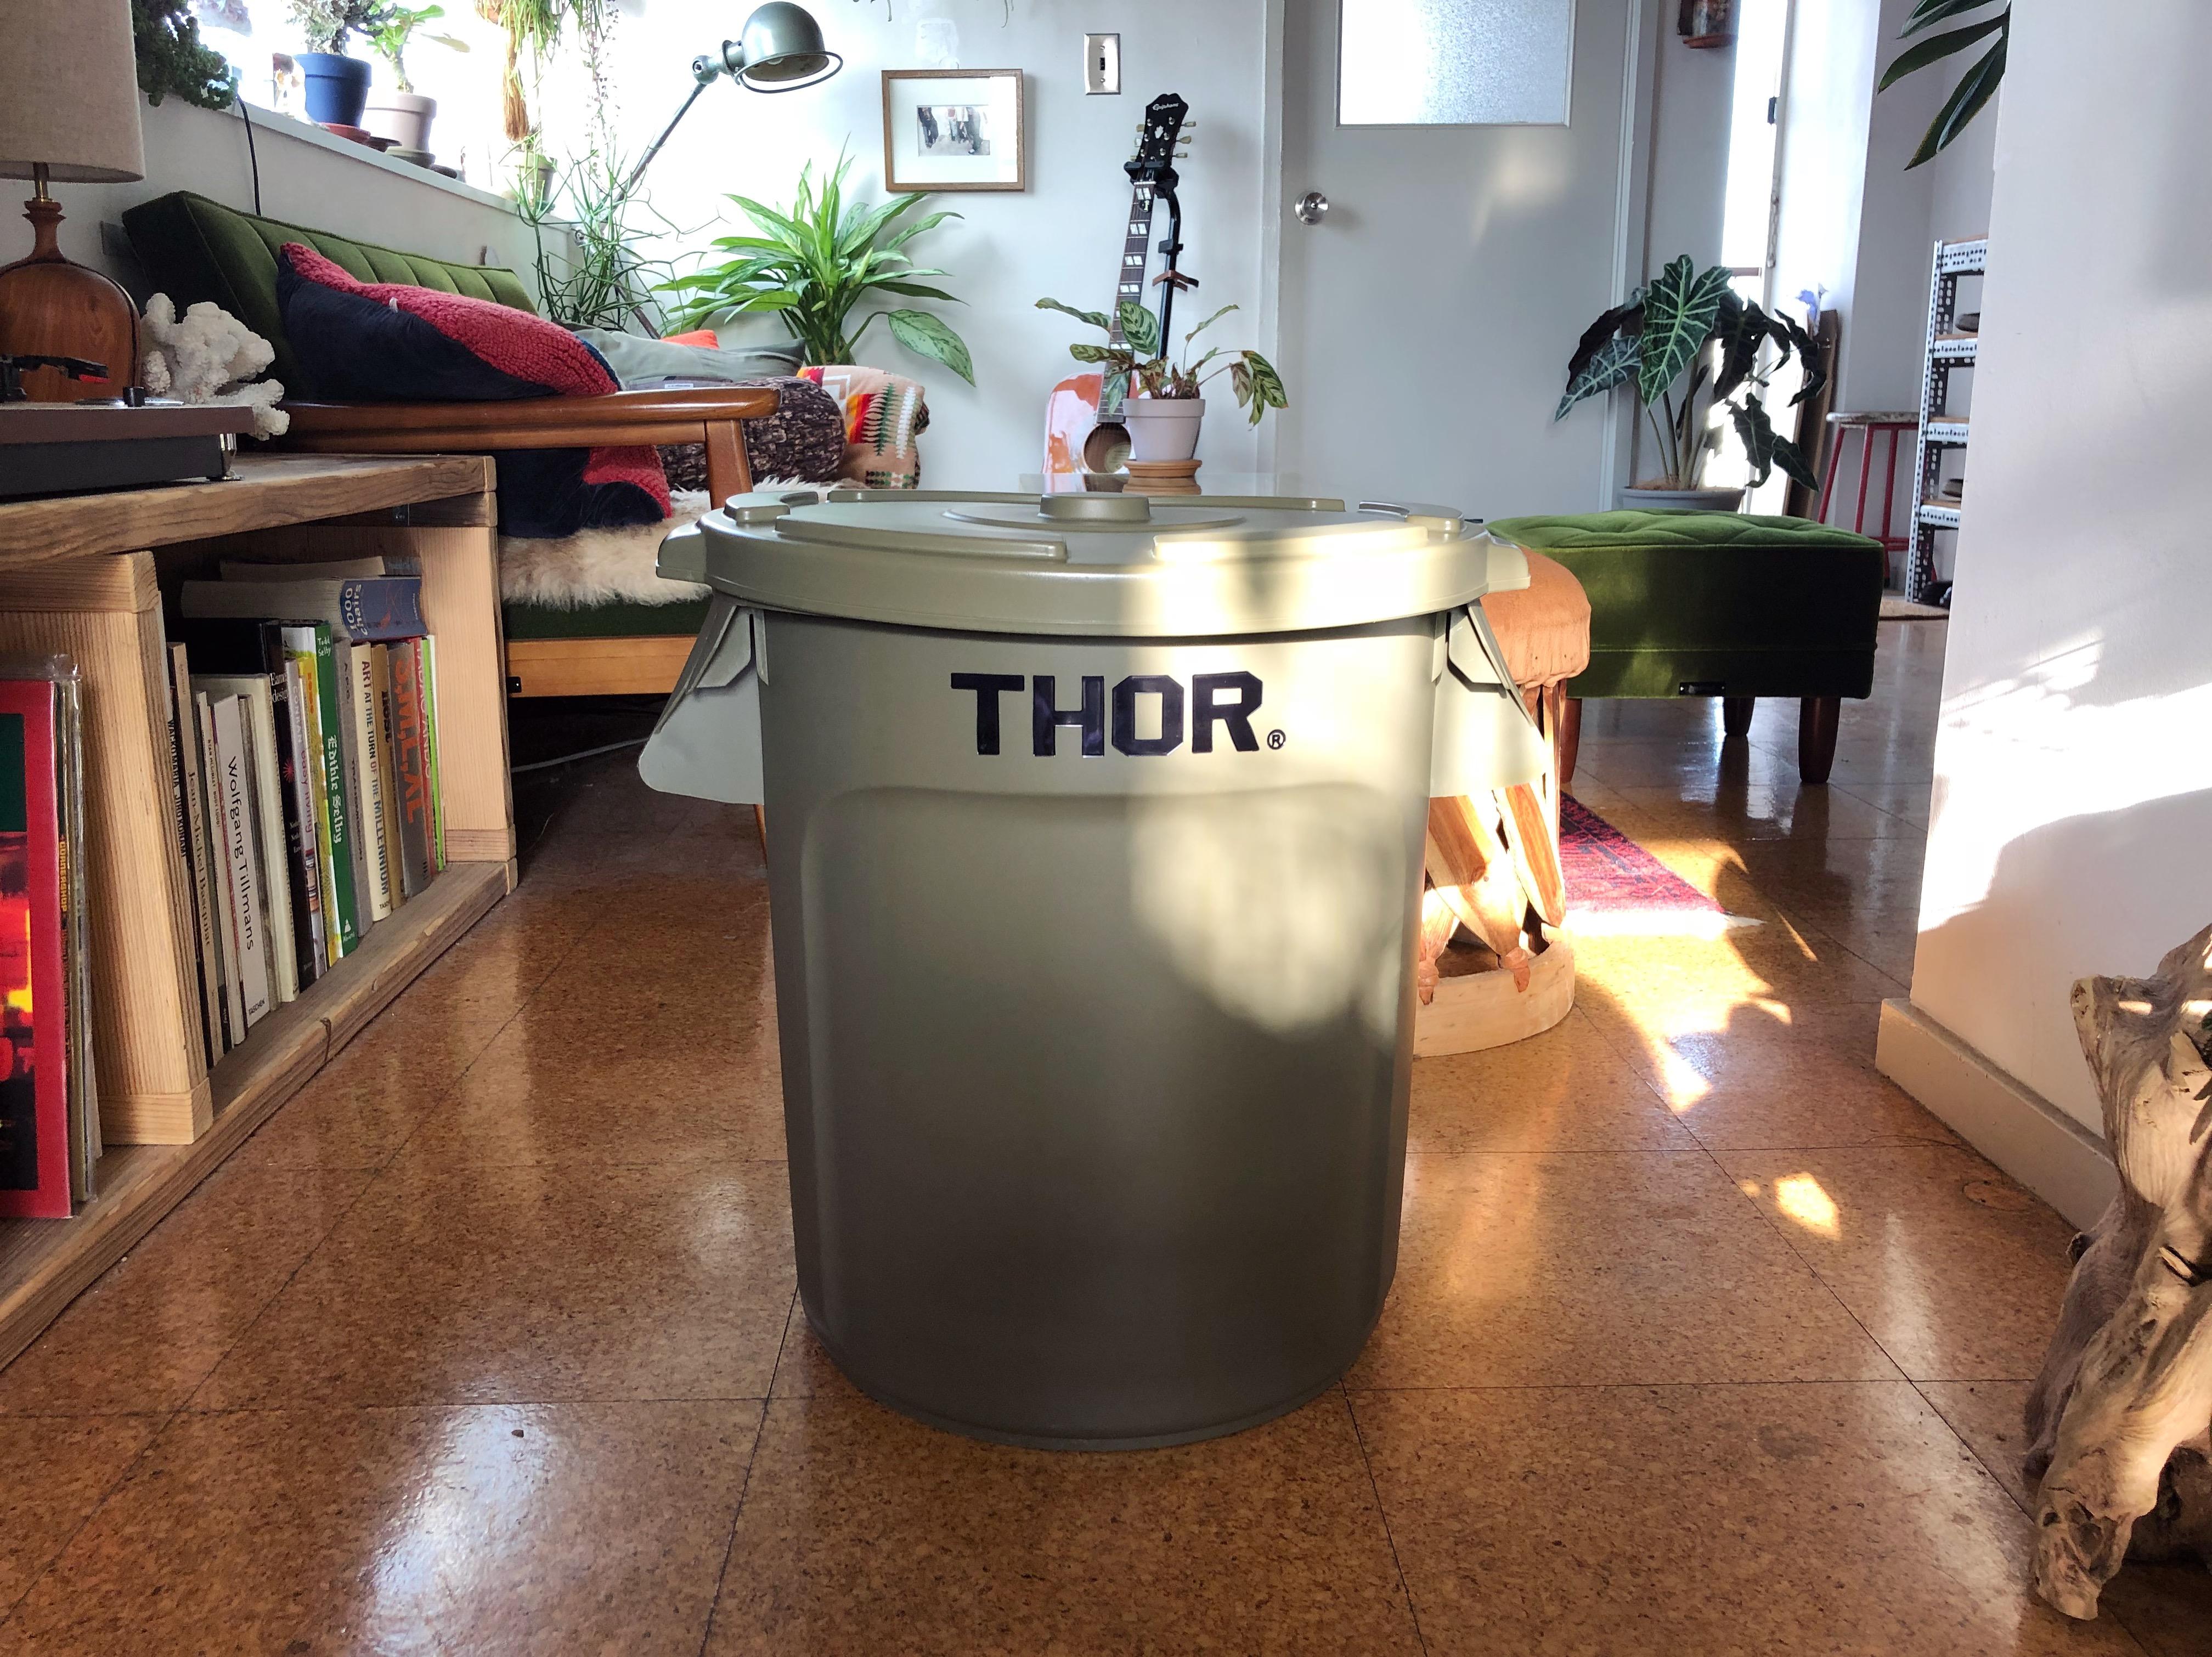 THORのダストボックス